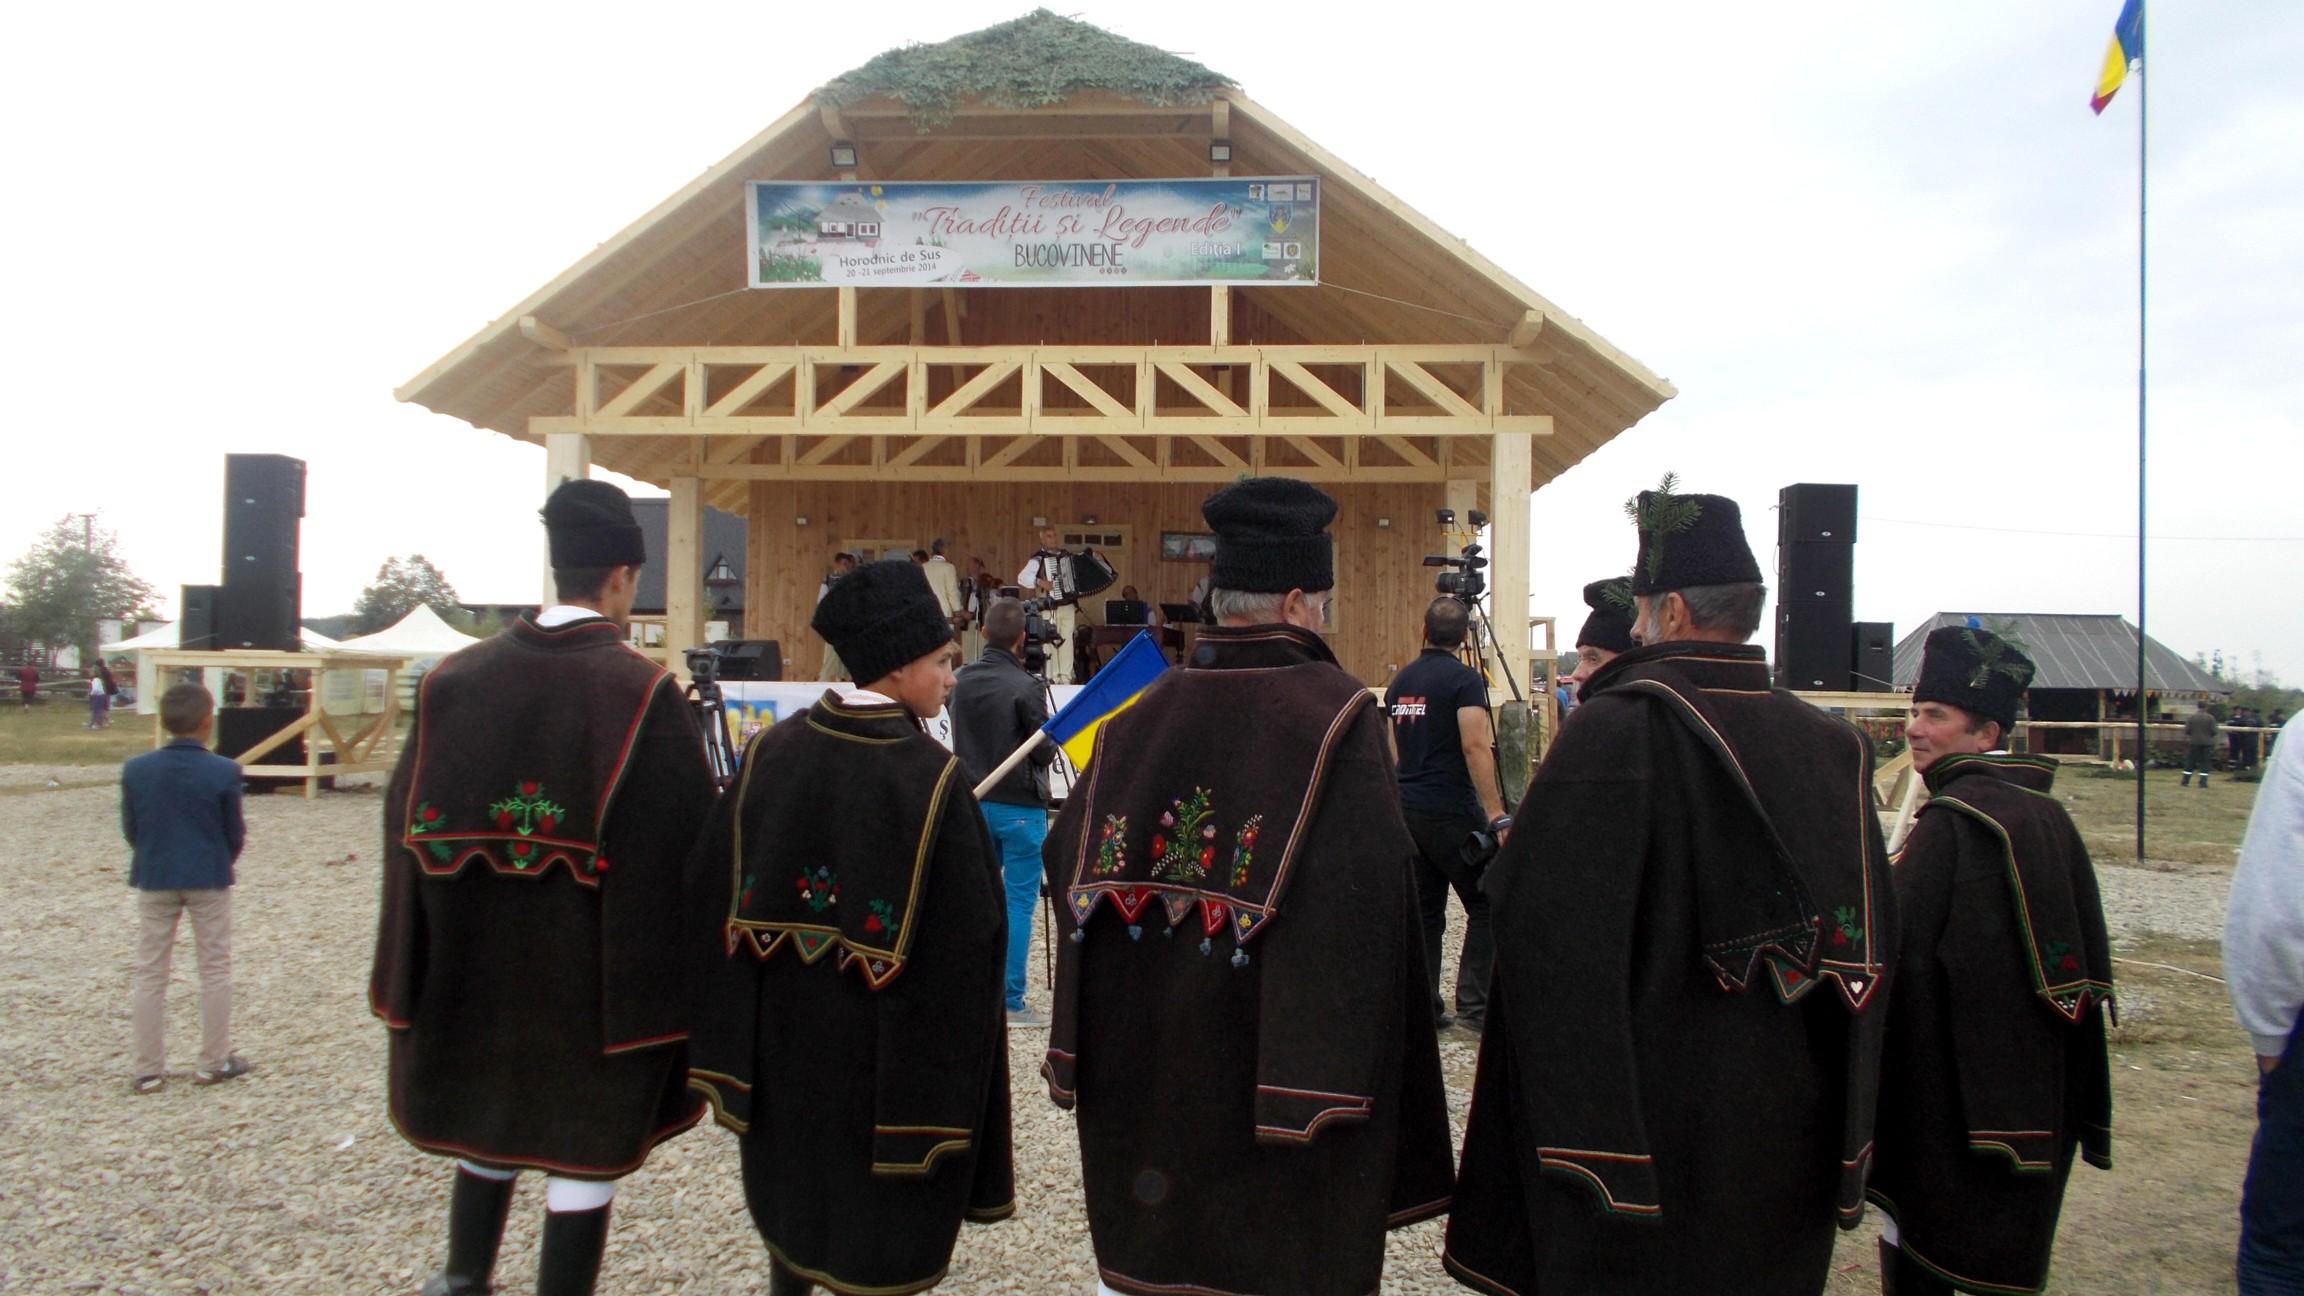 Mărginenii, cu superbele lor mantale răzeşeşti, singurii spectatori fideli ai Ansamblului din Suceava